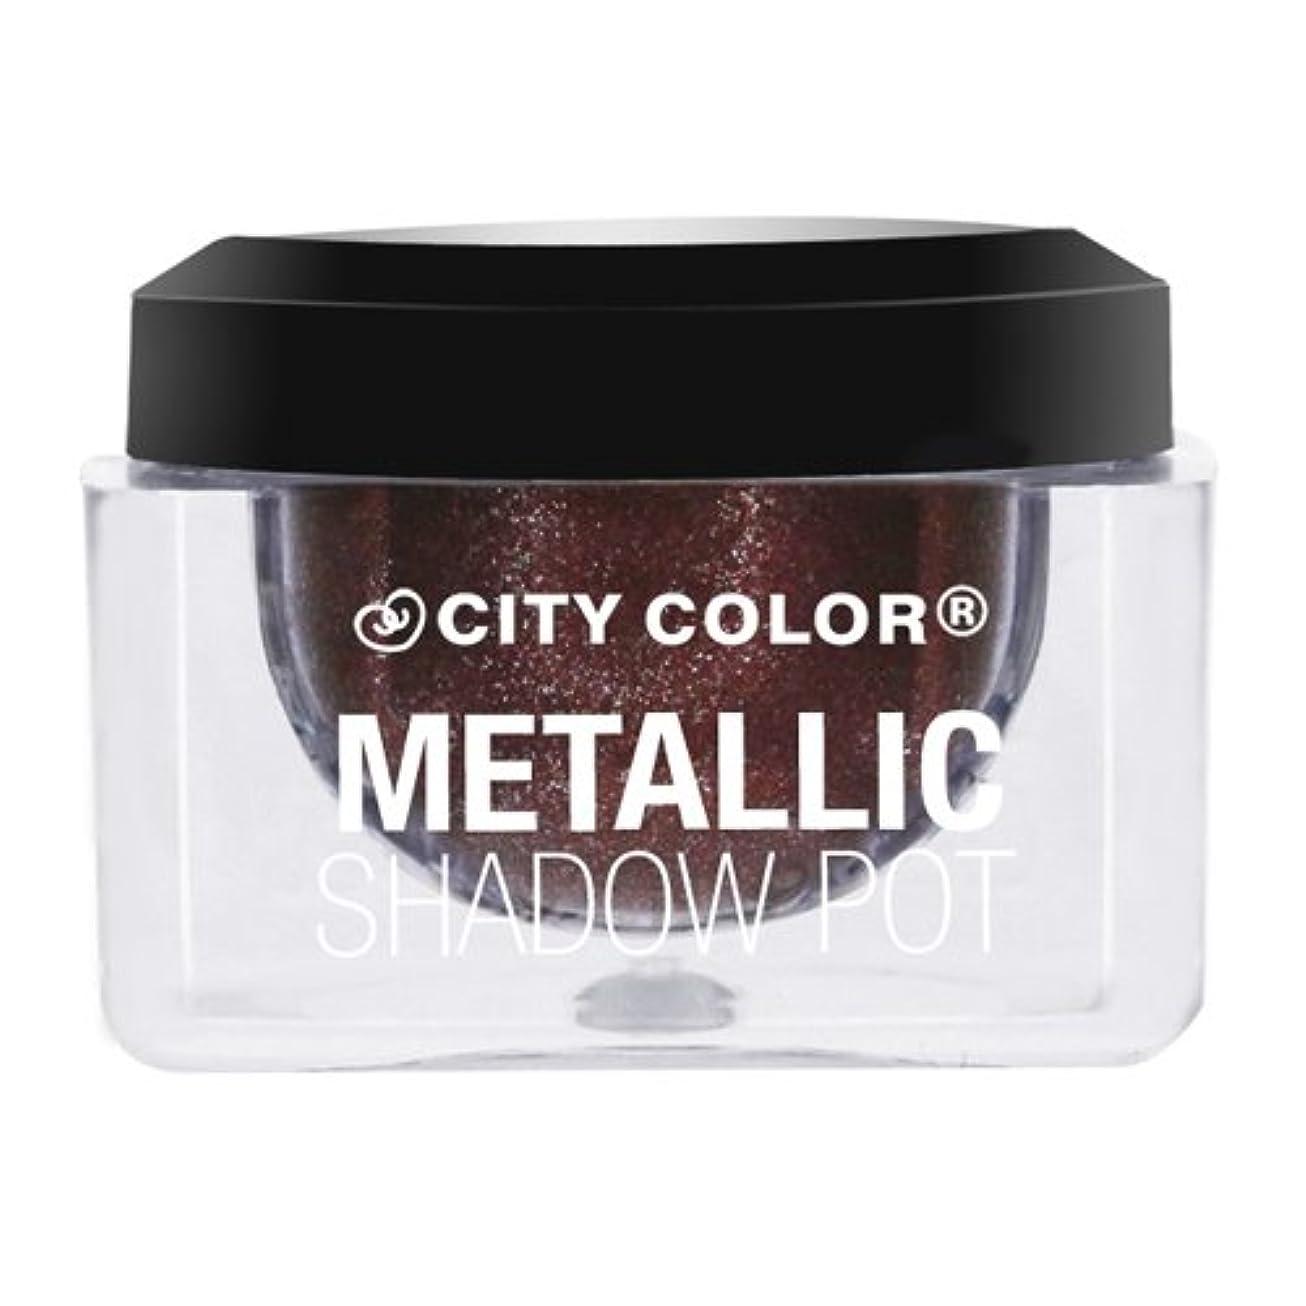 アンタゴニストフラッシュのように素早く更新CITY COLOR Metallic Shadow Pot - Nebulla (並行輸入品)